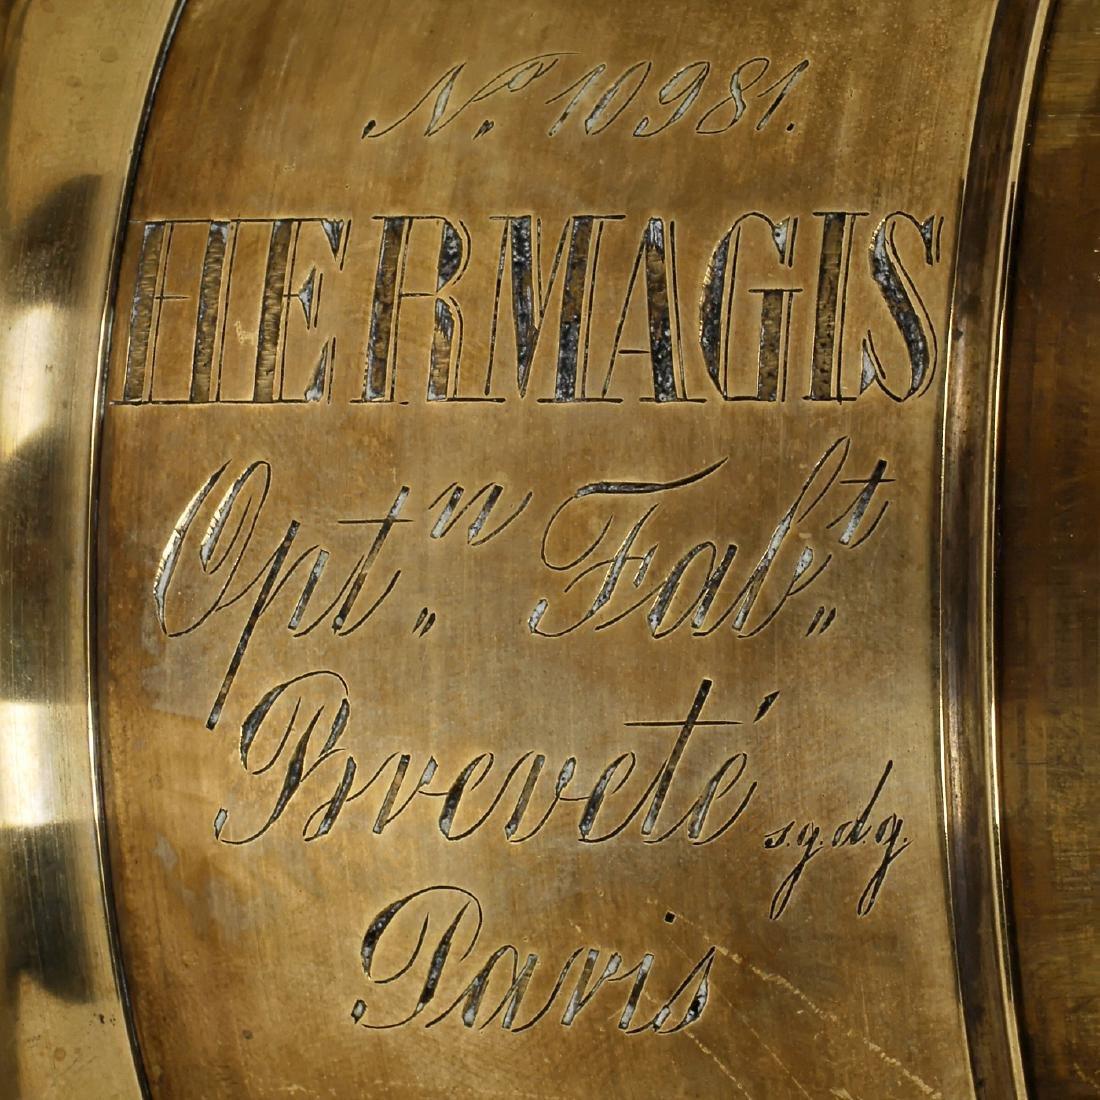 Hermagis Convertible Lens, c. 1863 - 2